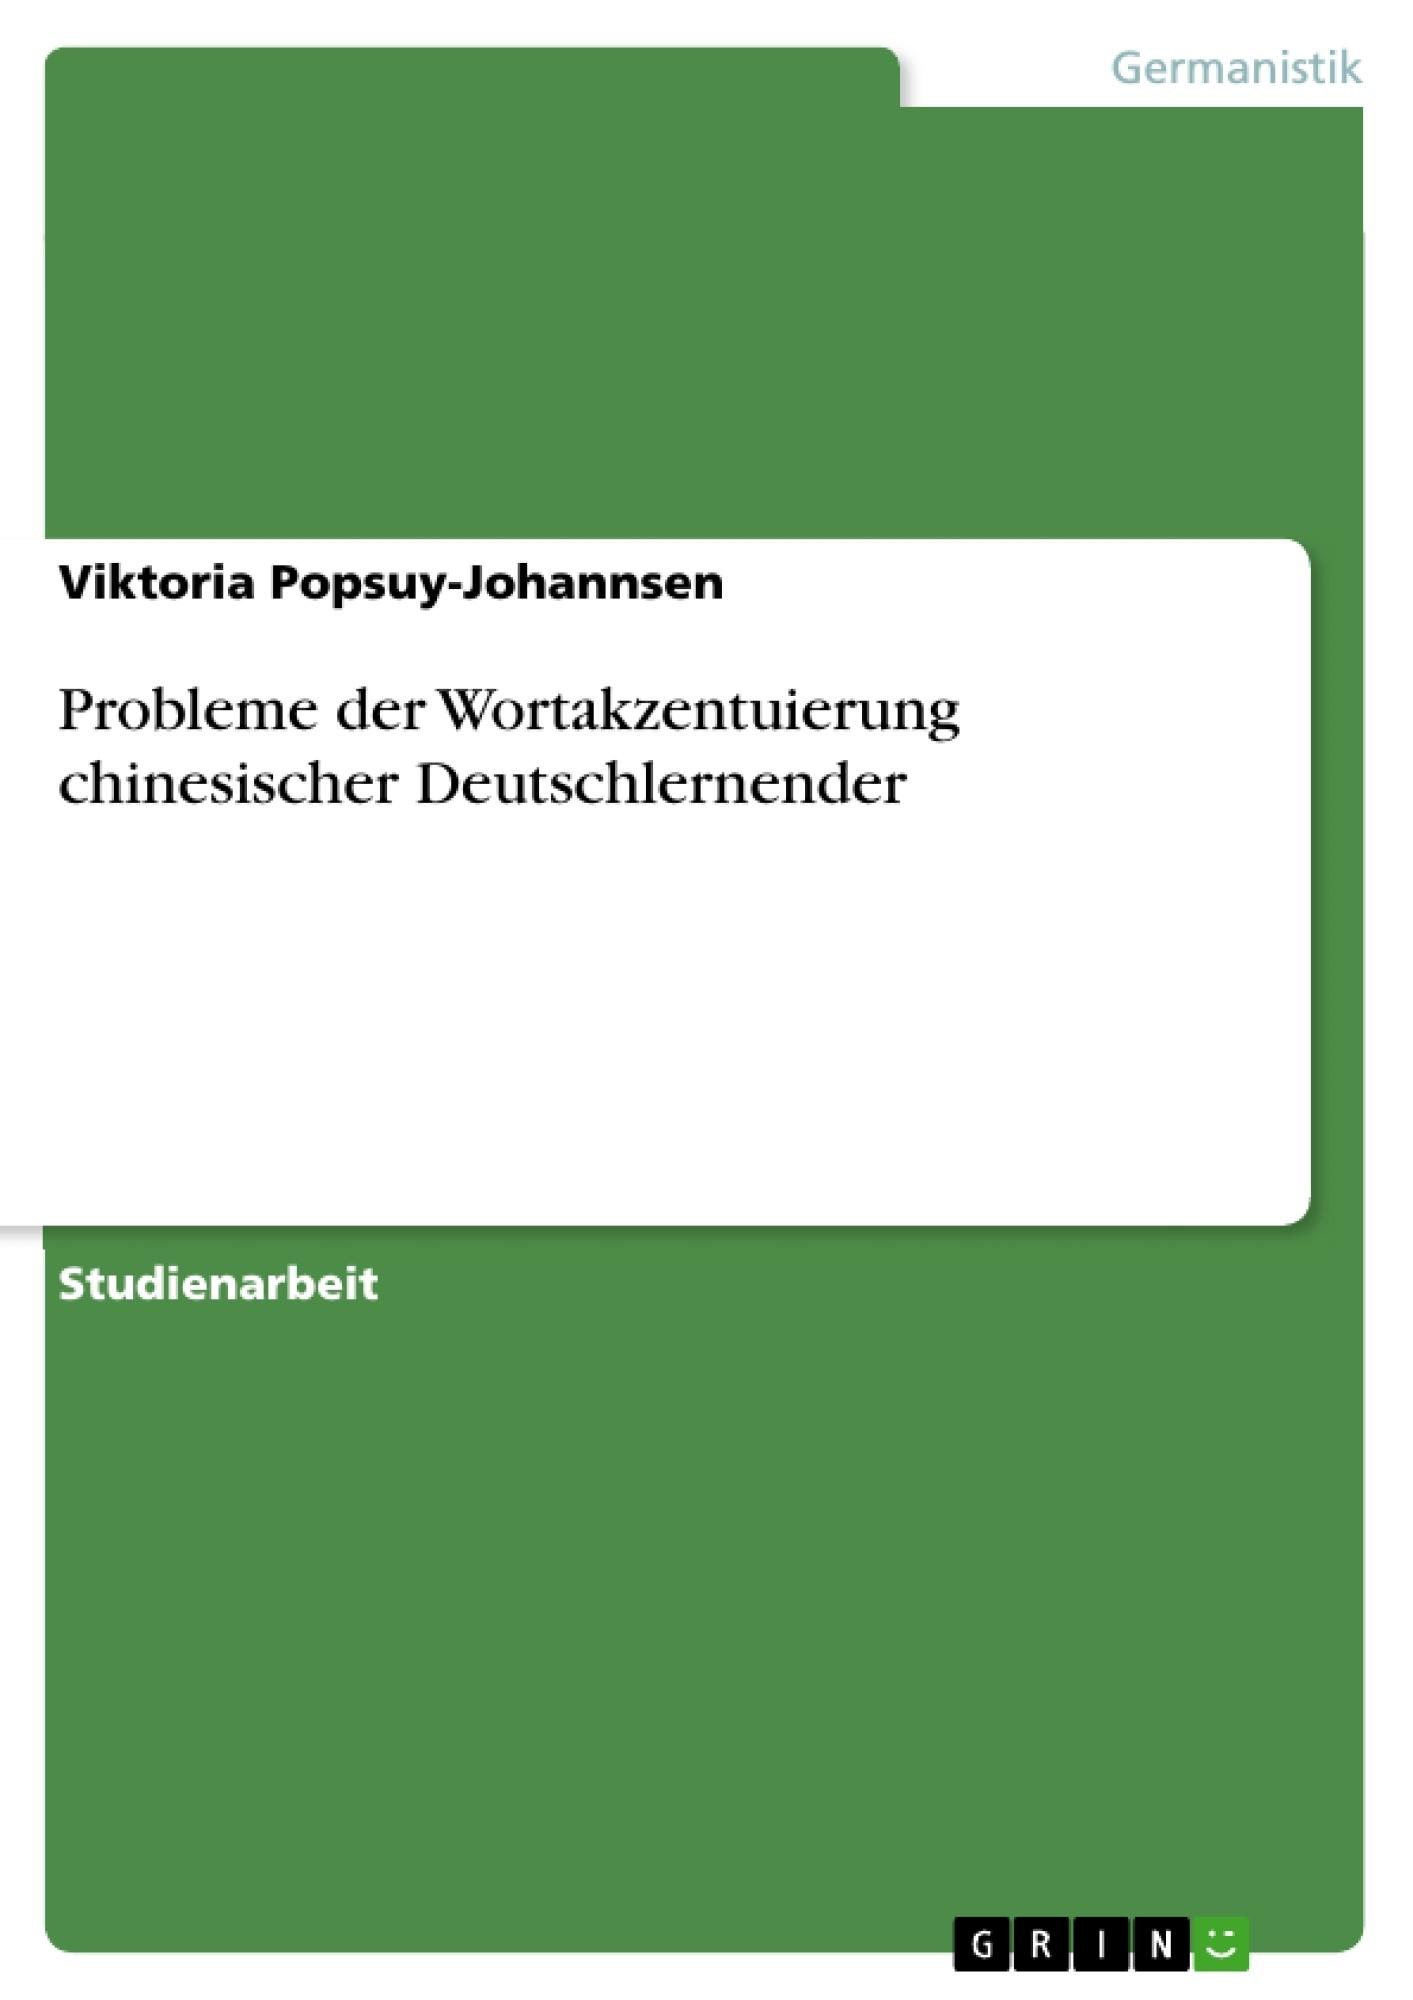 Titel: Probleme der Wortakzentuierung chinesischer Deutschlernender